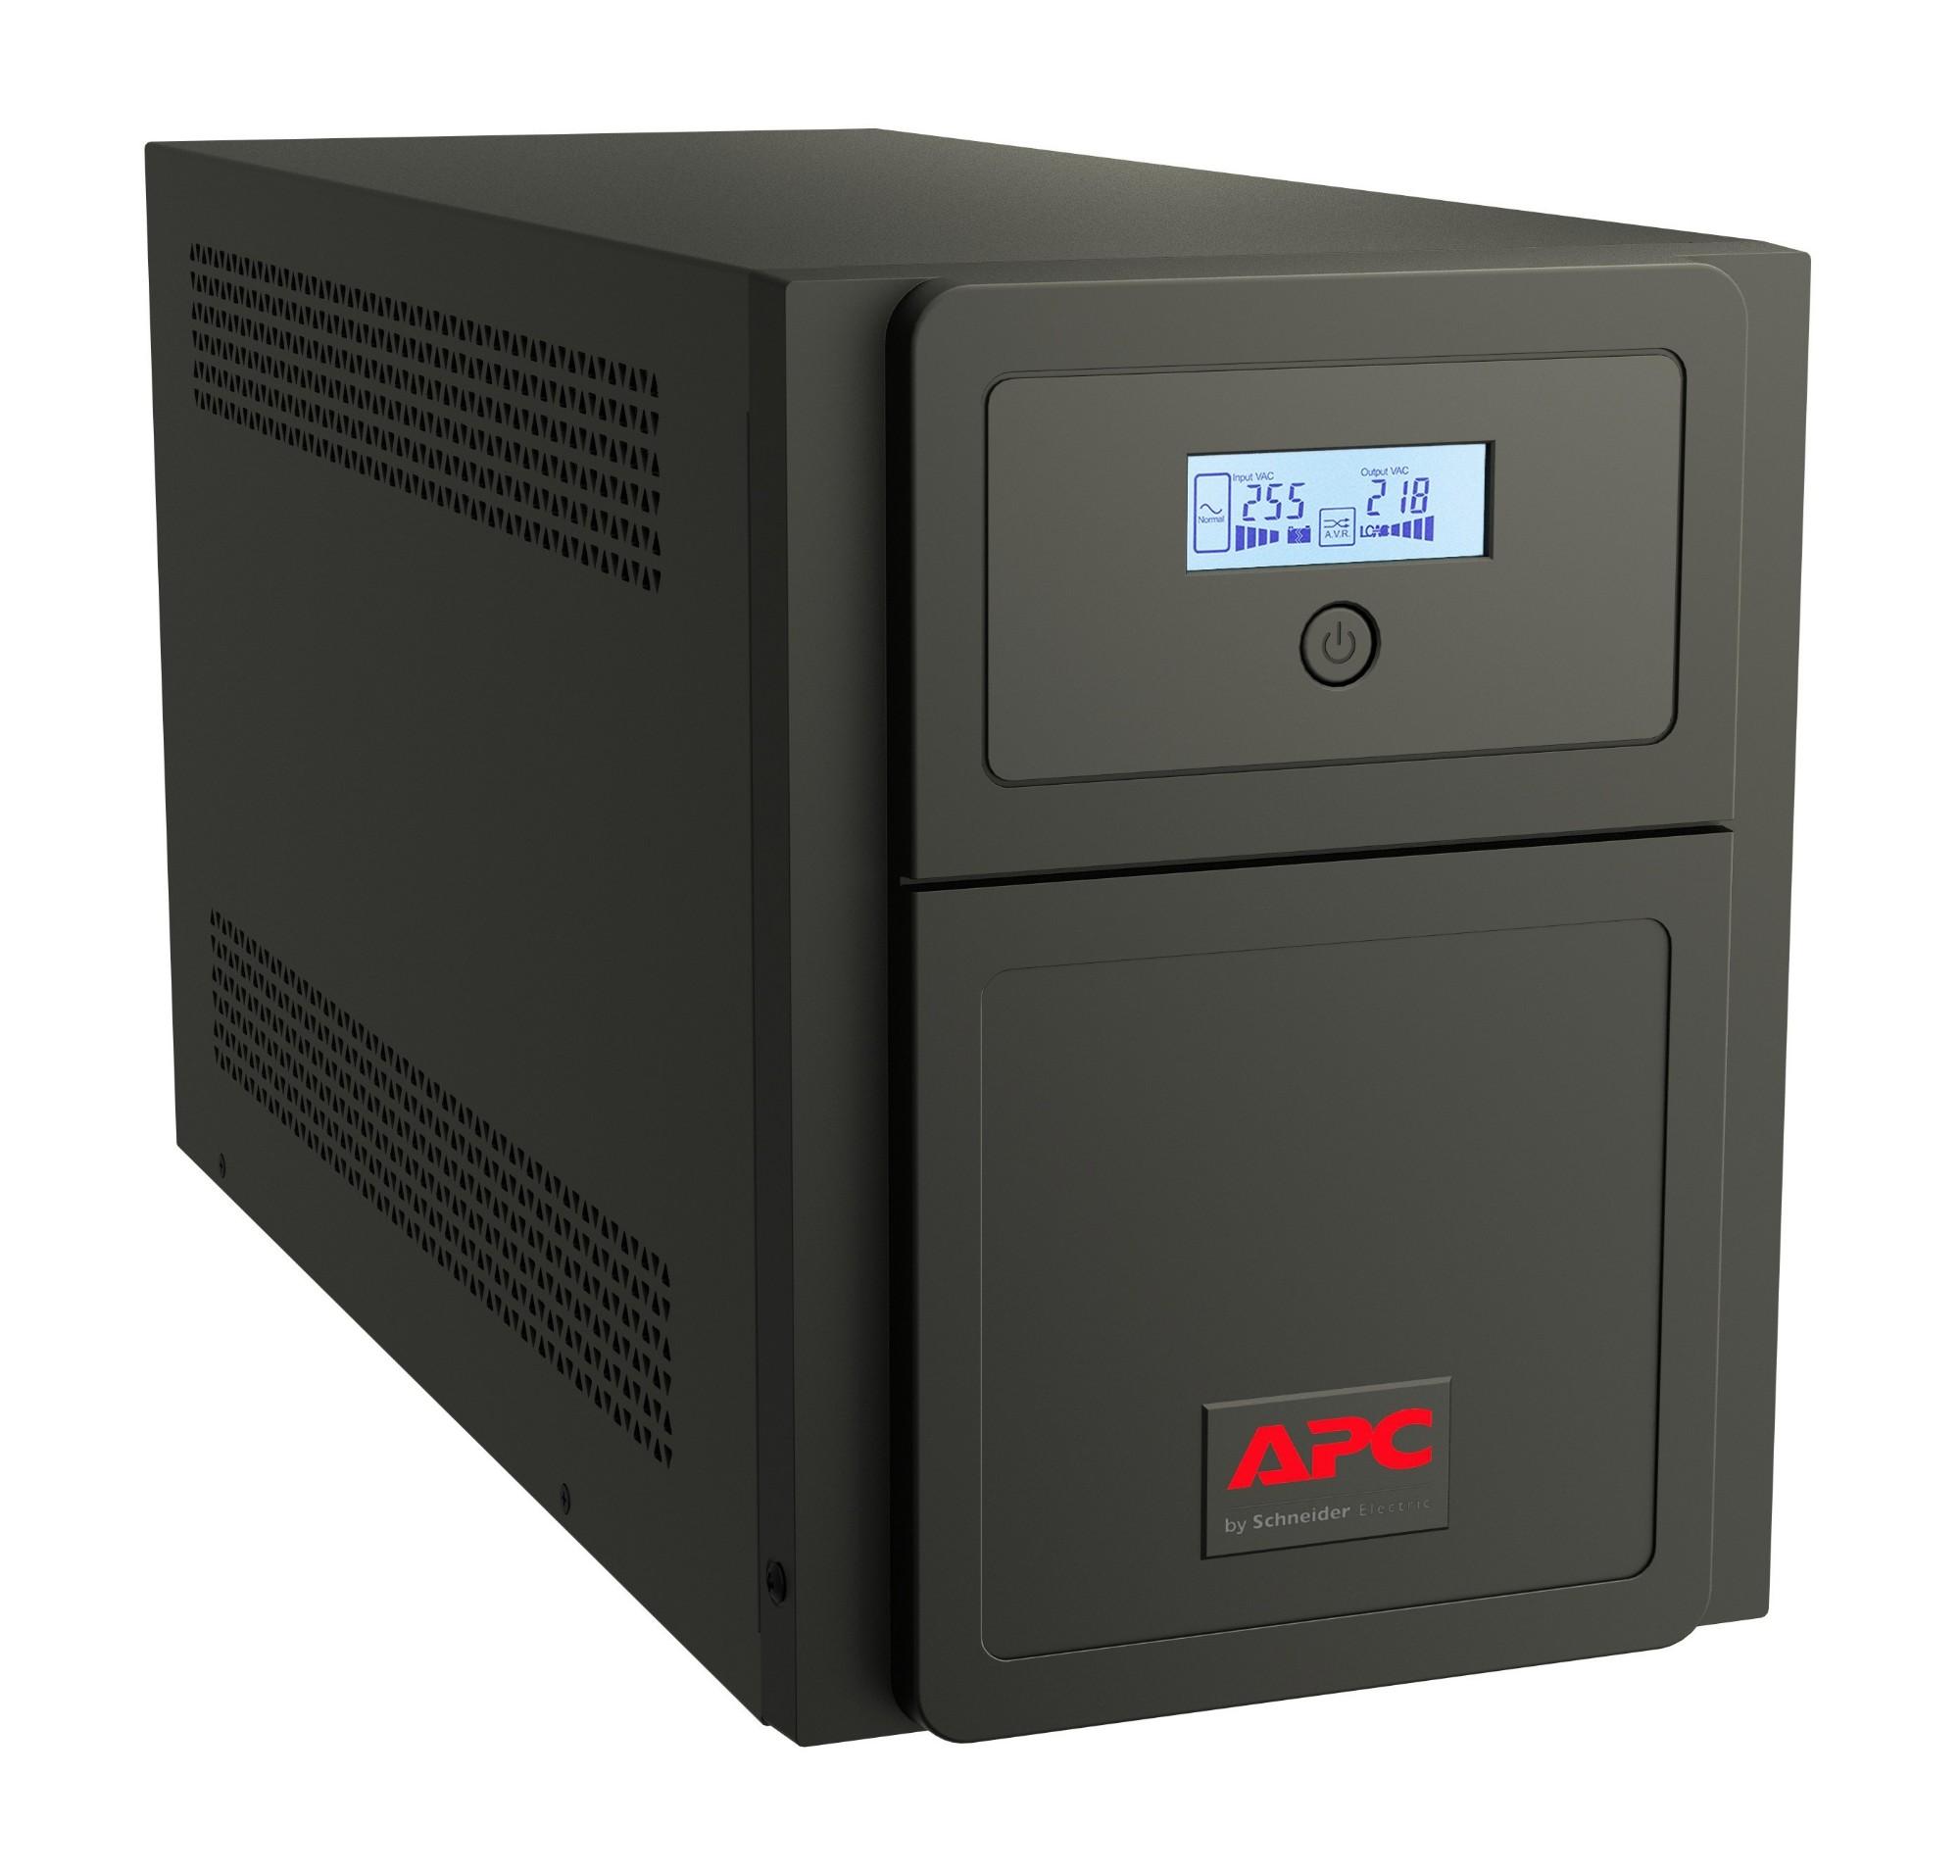 APC Easy UPS SMV sistema de alimentación ininterrumpida (UPS) Línea interactiva 2000 VA 1400 W 6 salidas AC